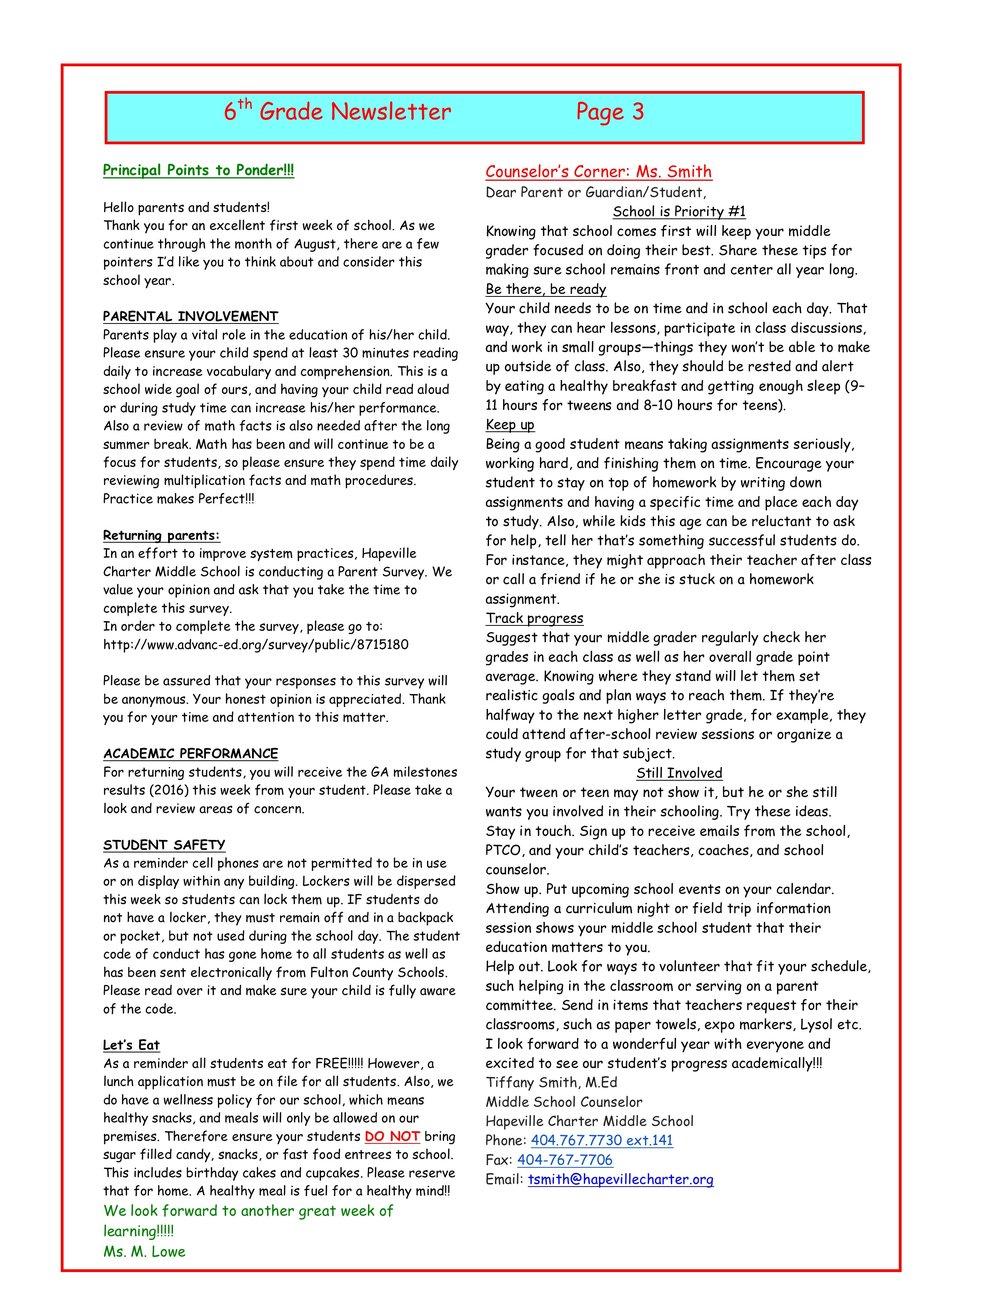 Newsletter Image6th Grade Newsletter 9-5-2016 3.jpeg